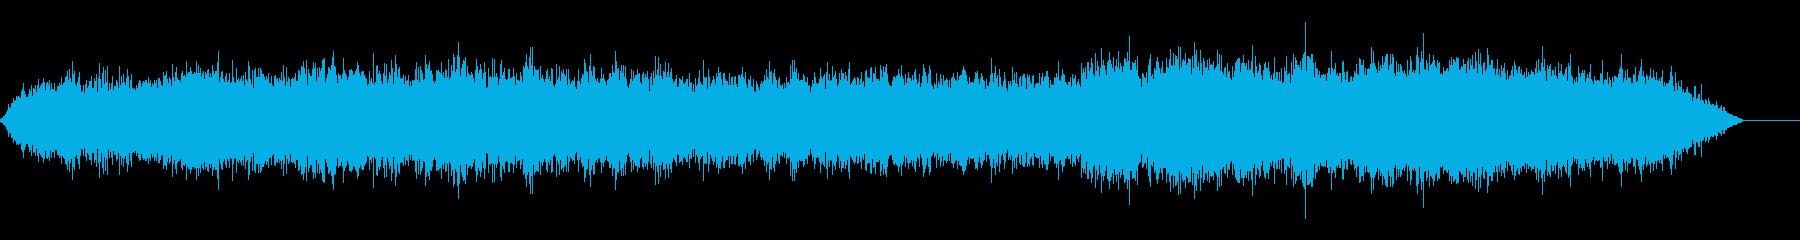 地下鉄、電車の音(車内にて録音)の再生済みの波形